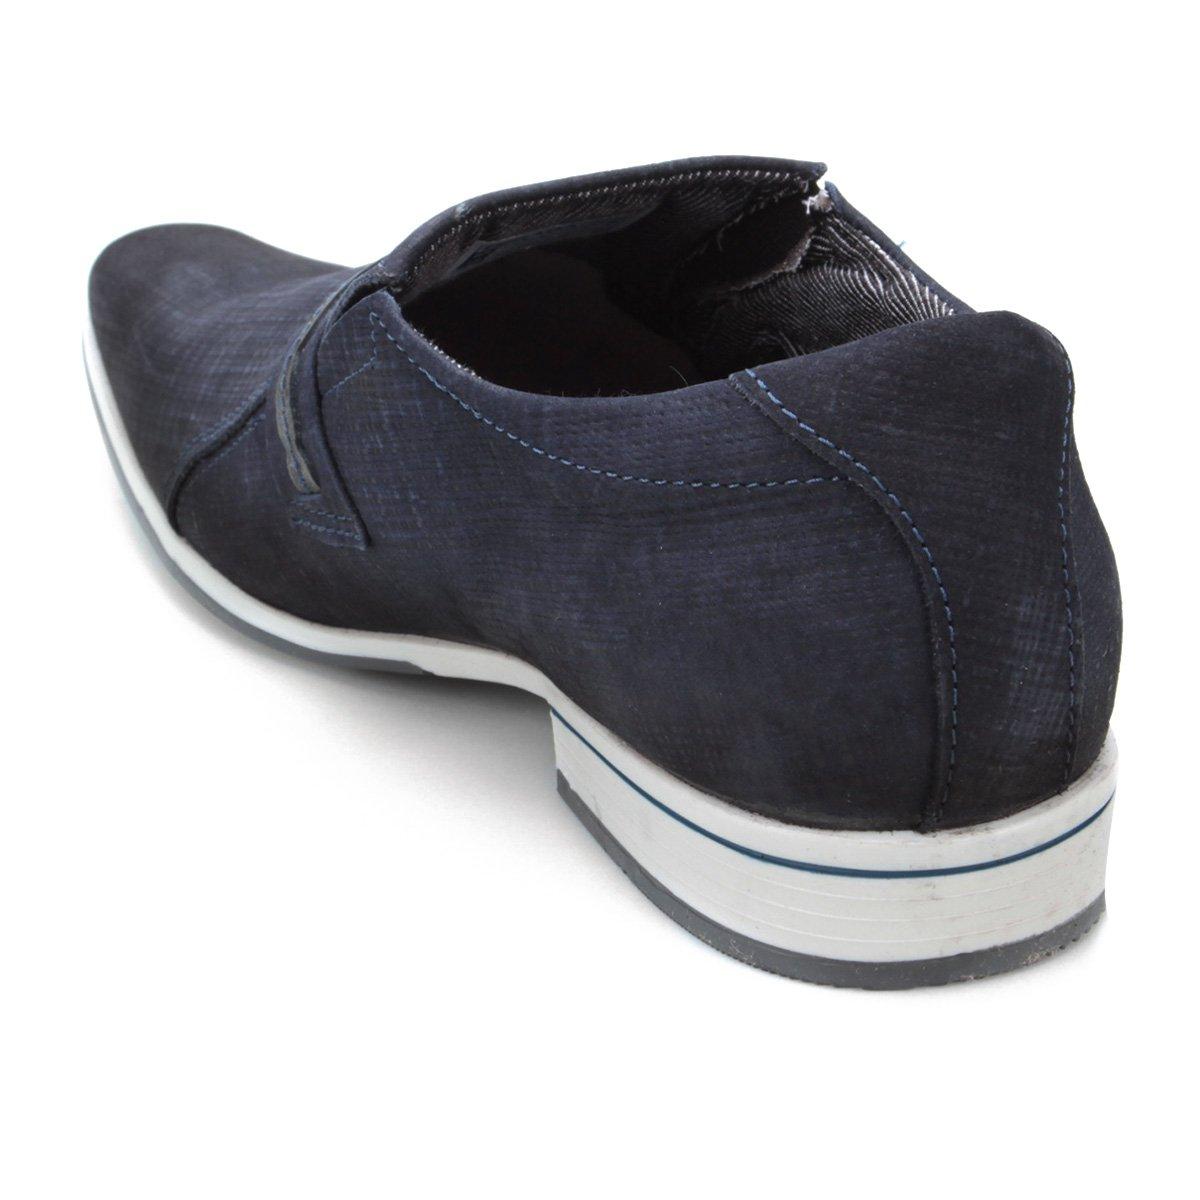 Sapato Couro Sapato Azul Masculino Social Social Pegada Saq8x5wvTp